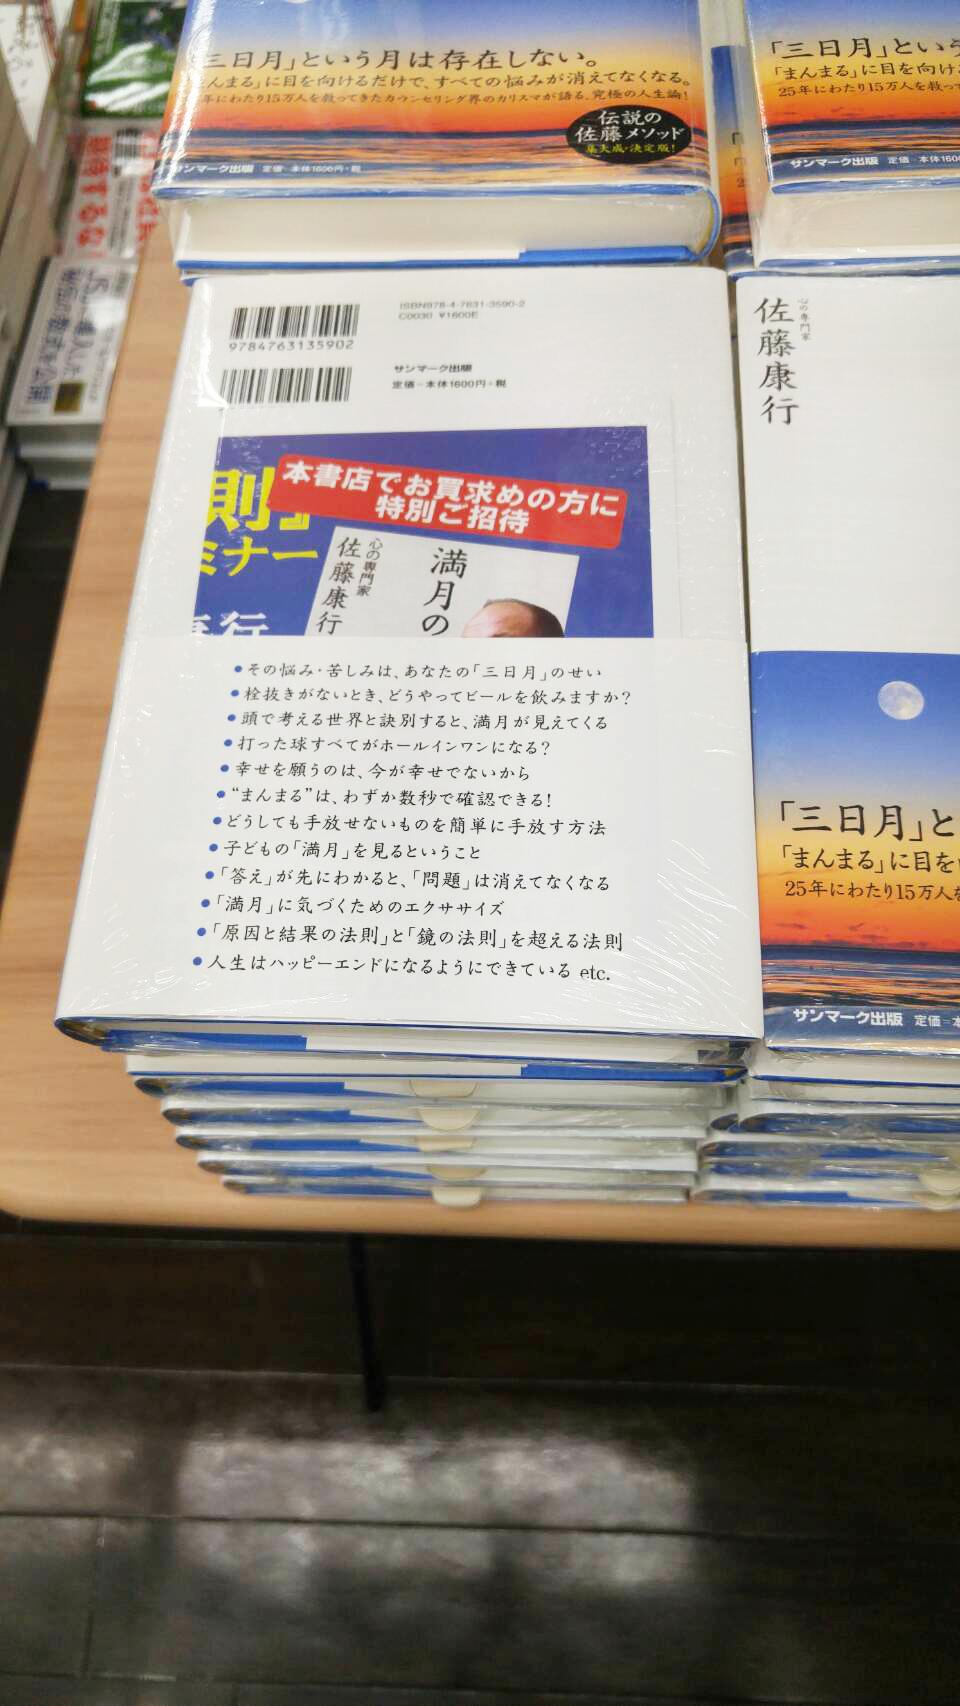 書籍『満月の法則』三省堂書店東京駅一番街店